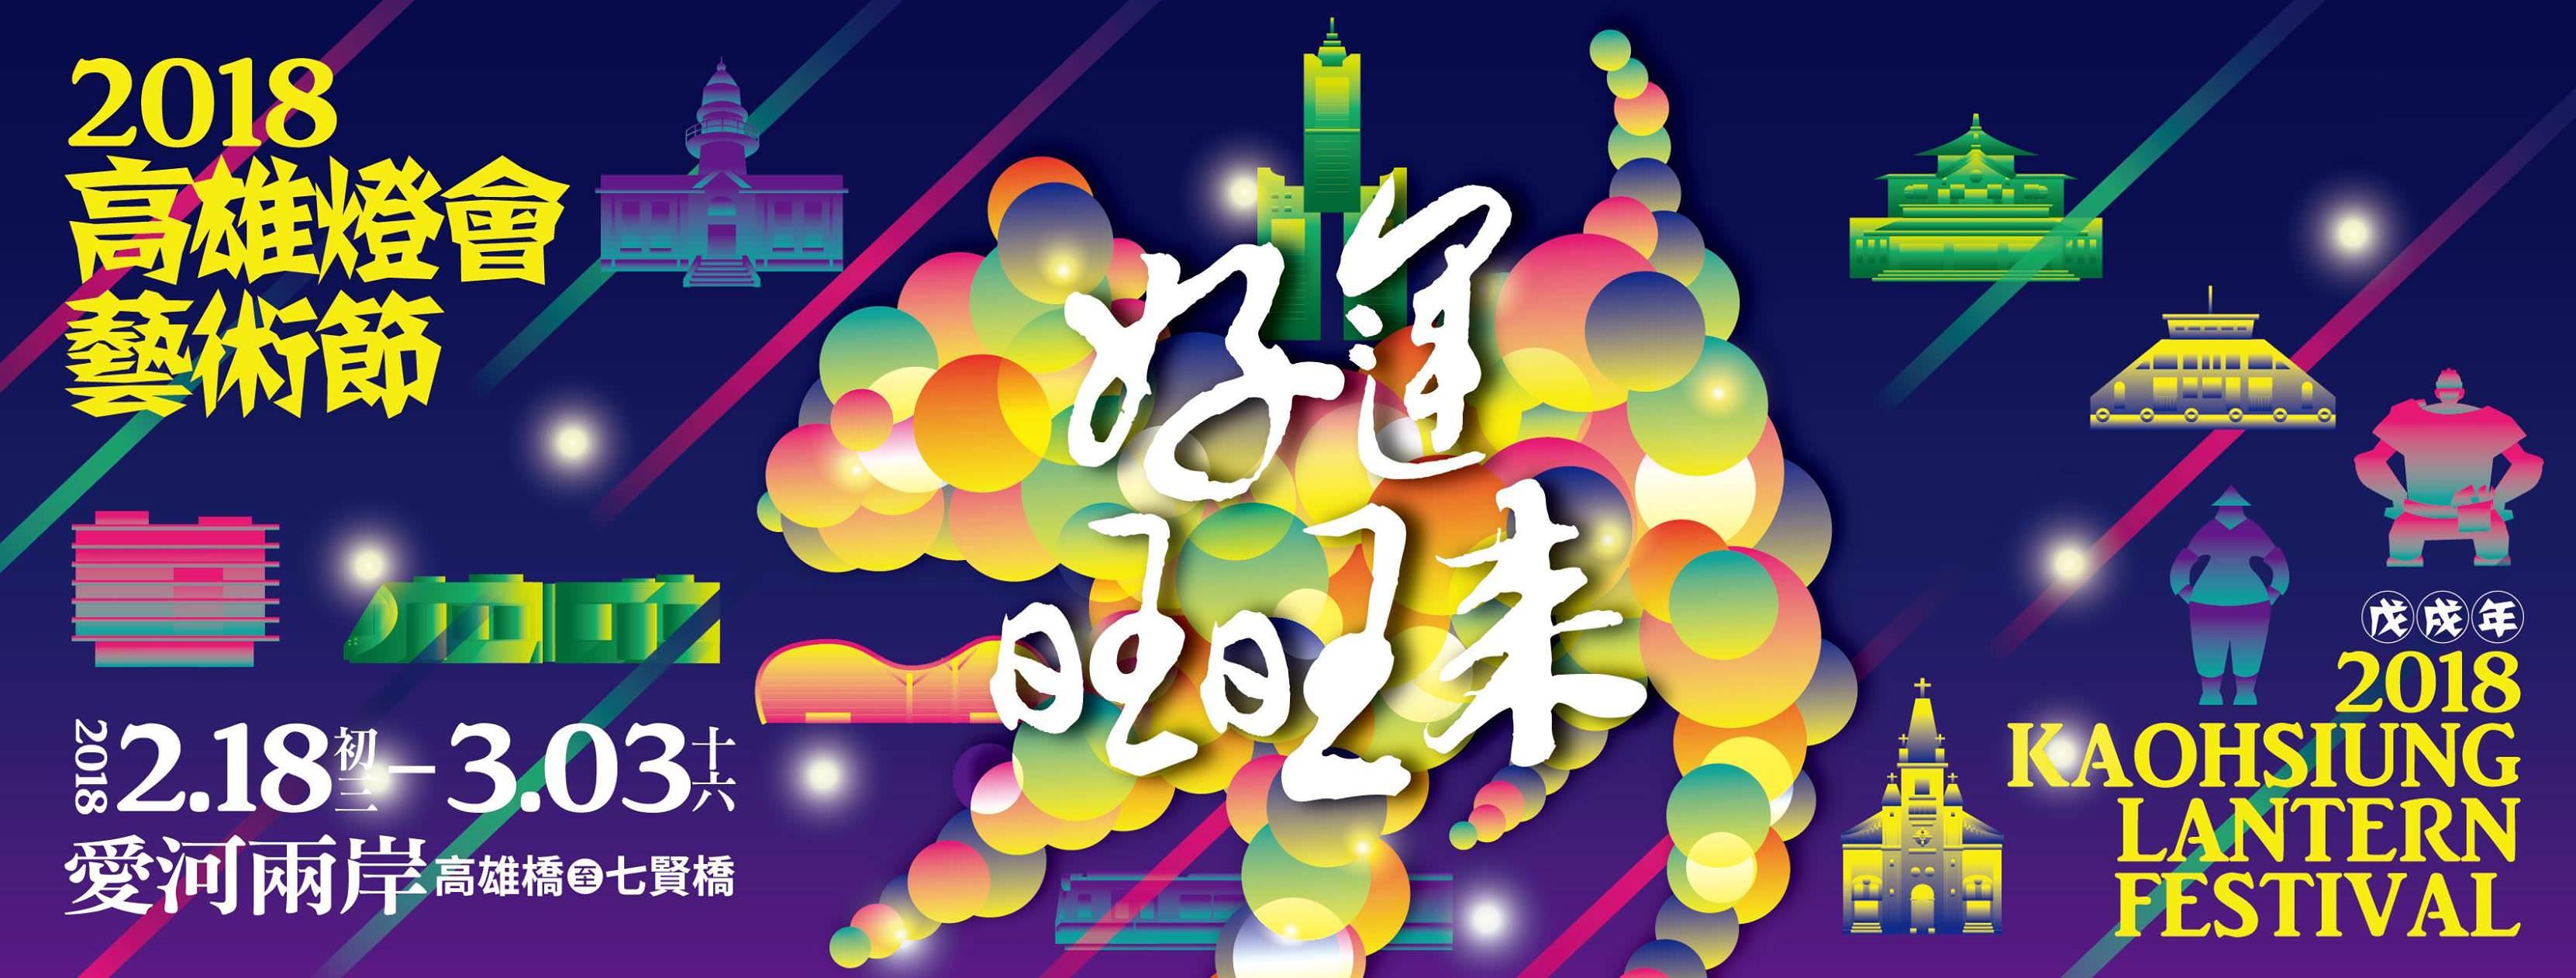 2018高雄燈會!元宵節燈會日期時間|地點|交通資訊|小提燈發放